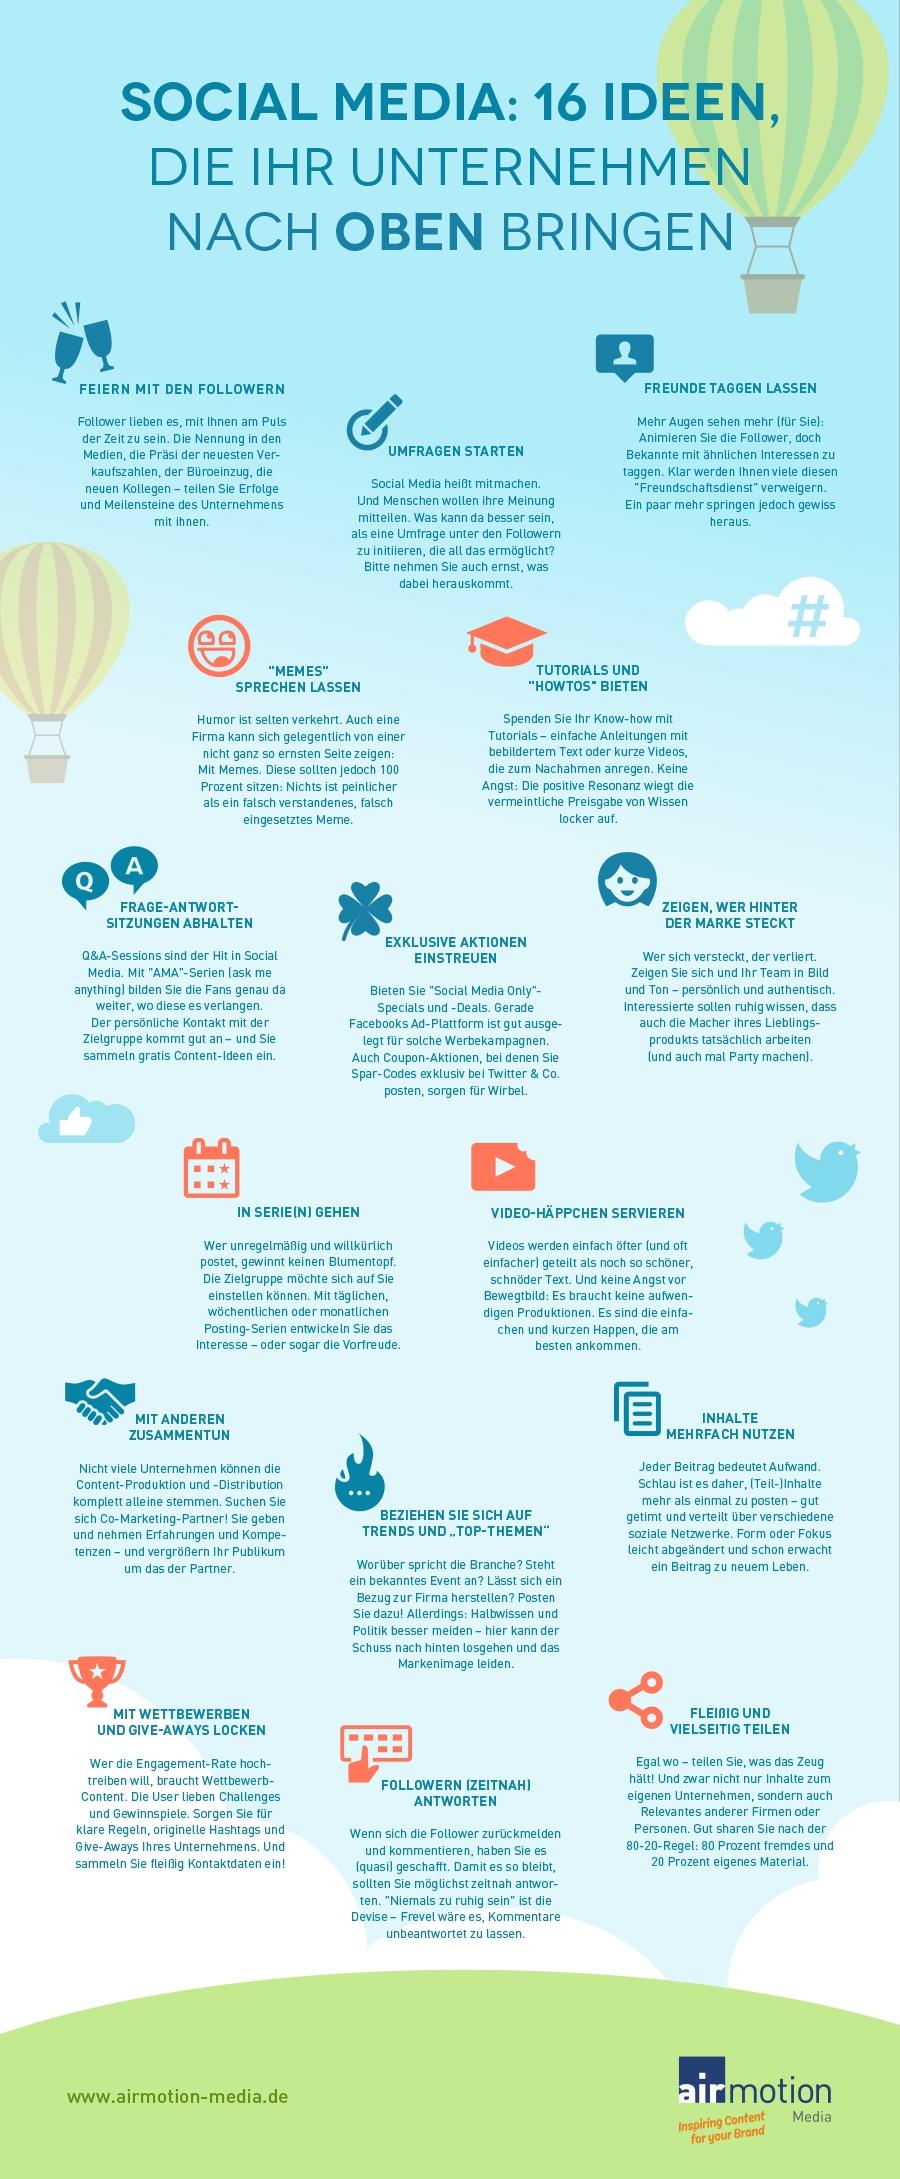 Infografik: 16 Social-Media-Ideen, die Ihr Unternehmen nach oben bringen – Airmotion Media